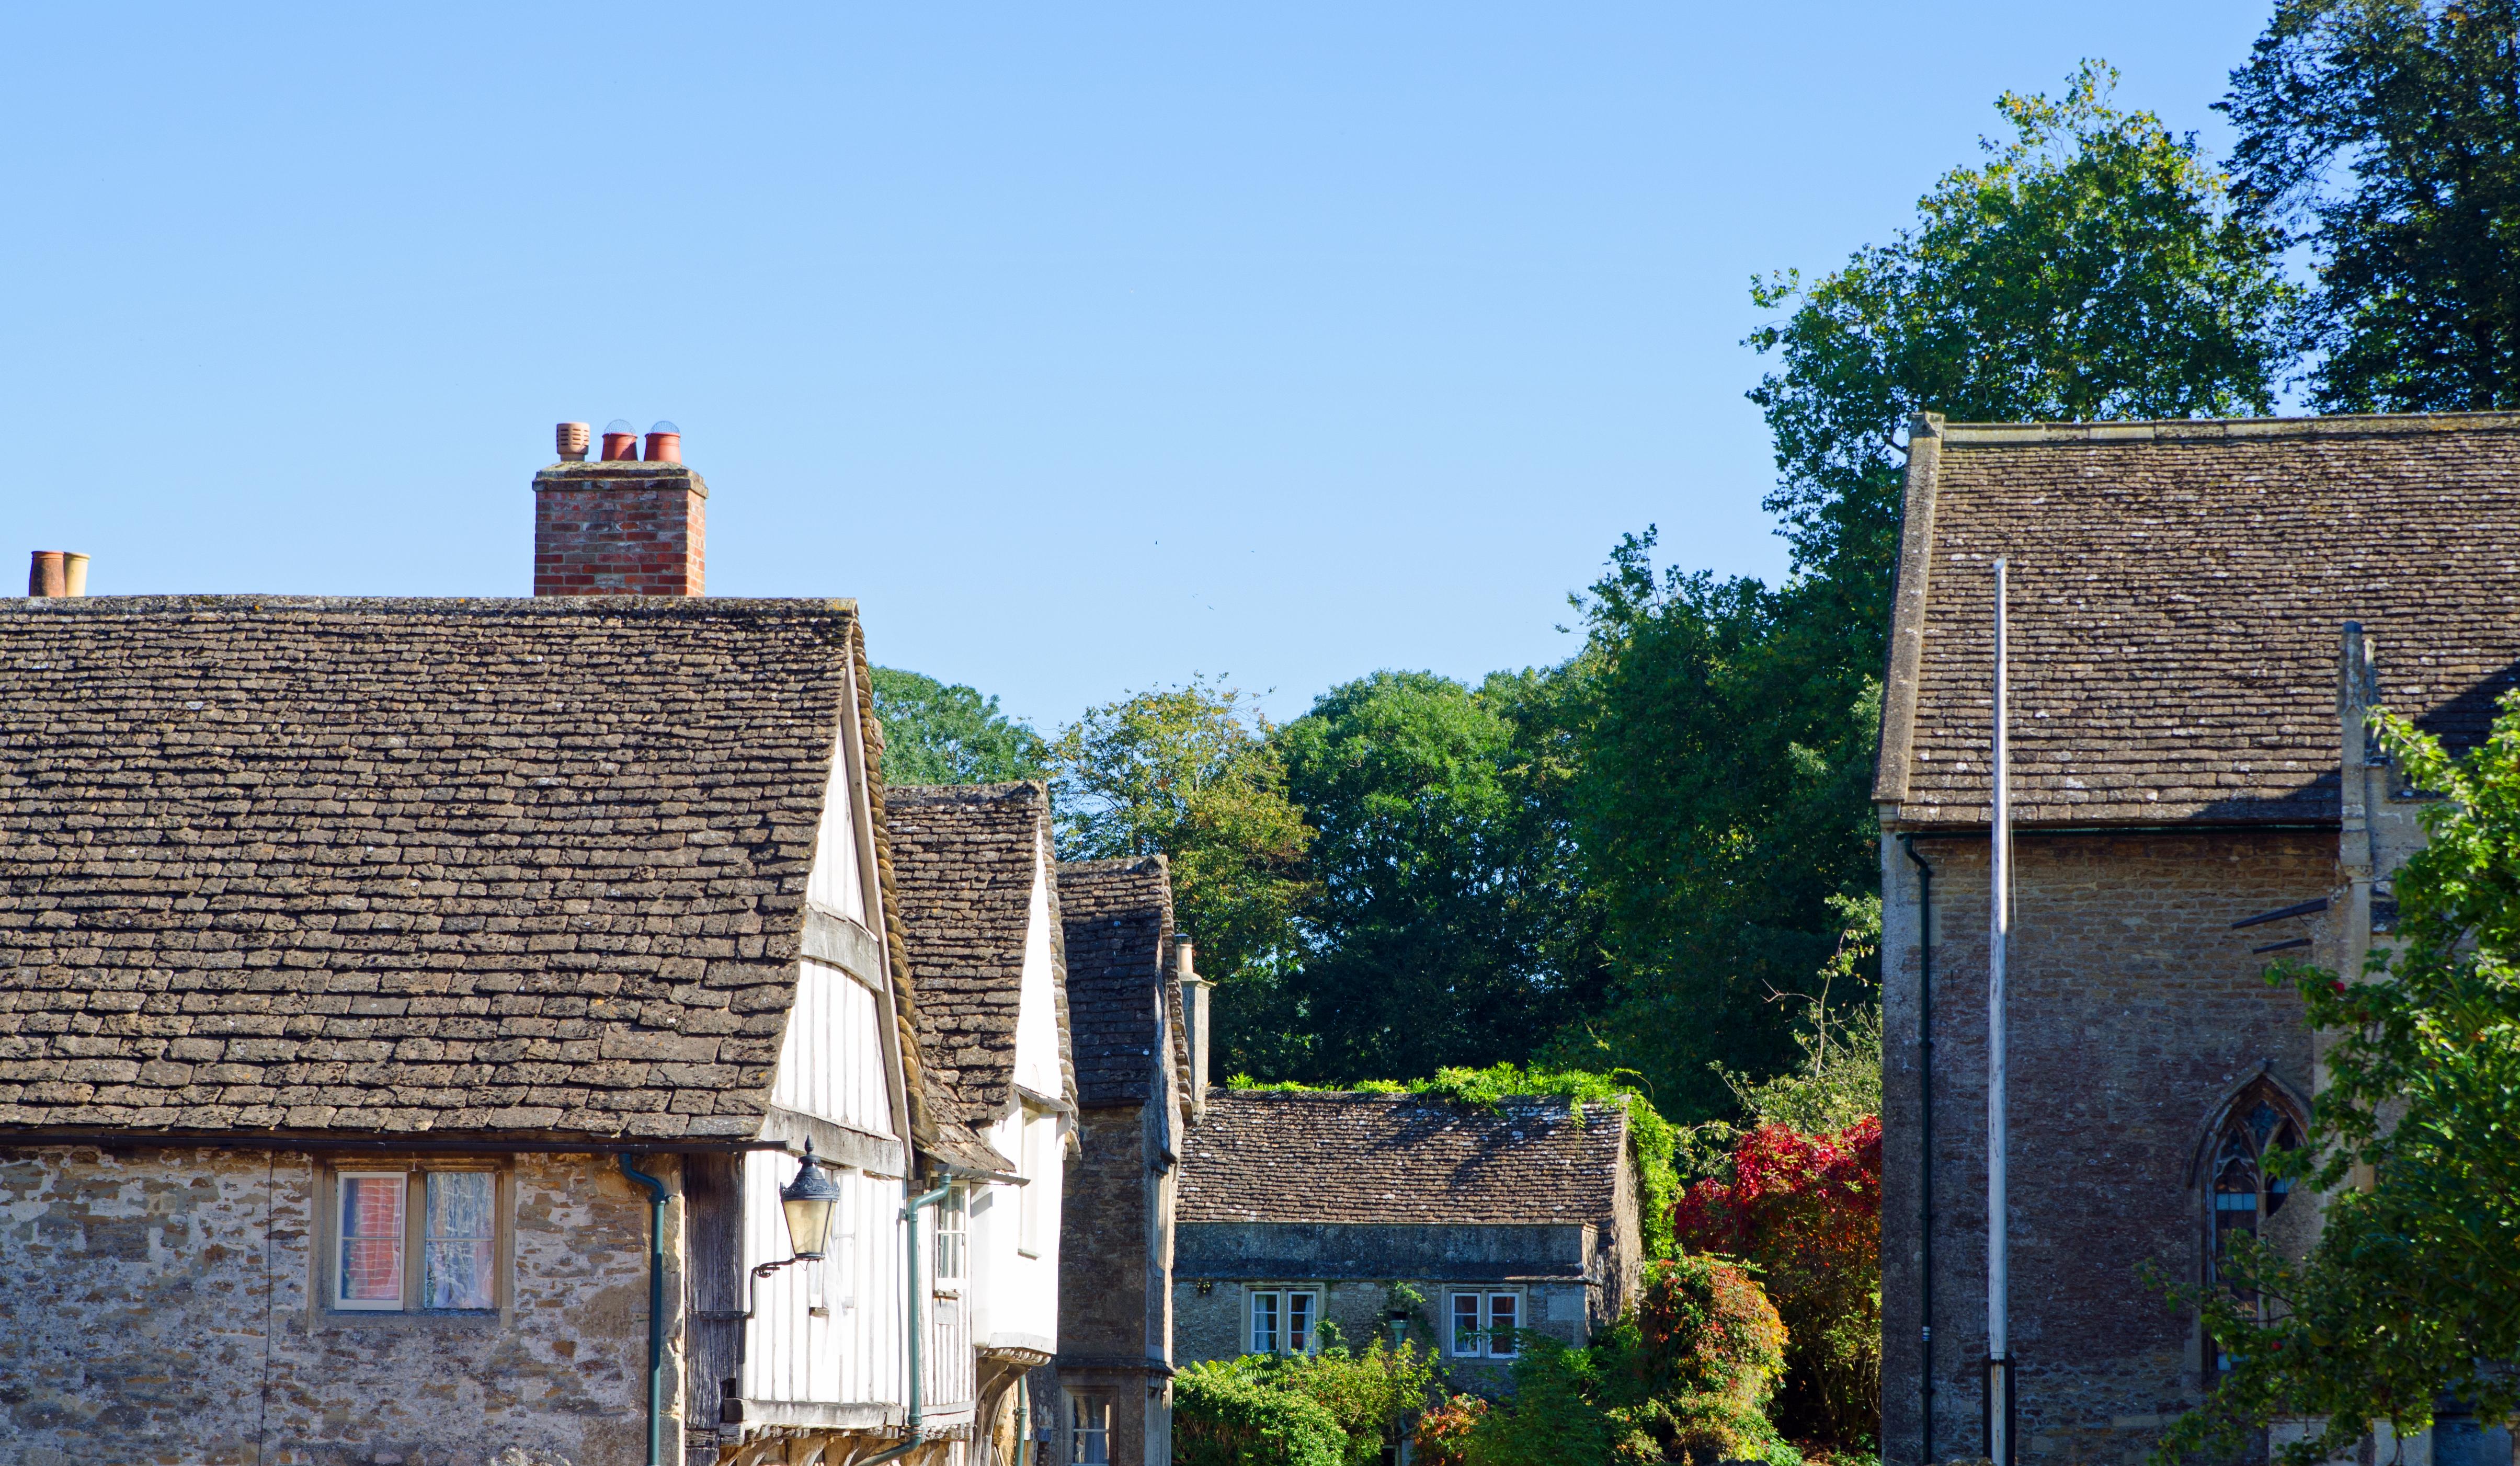 Lacock England